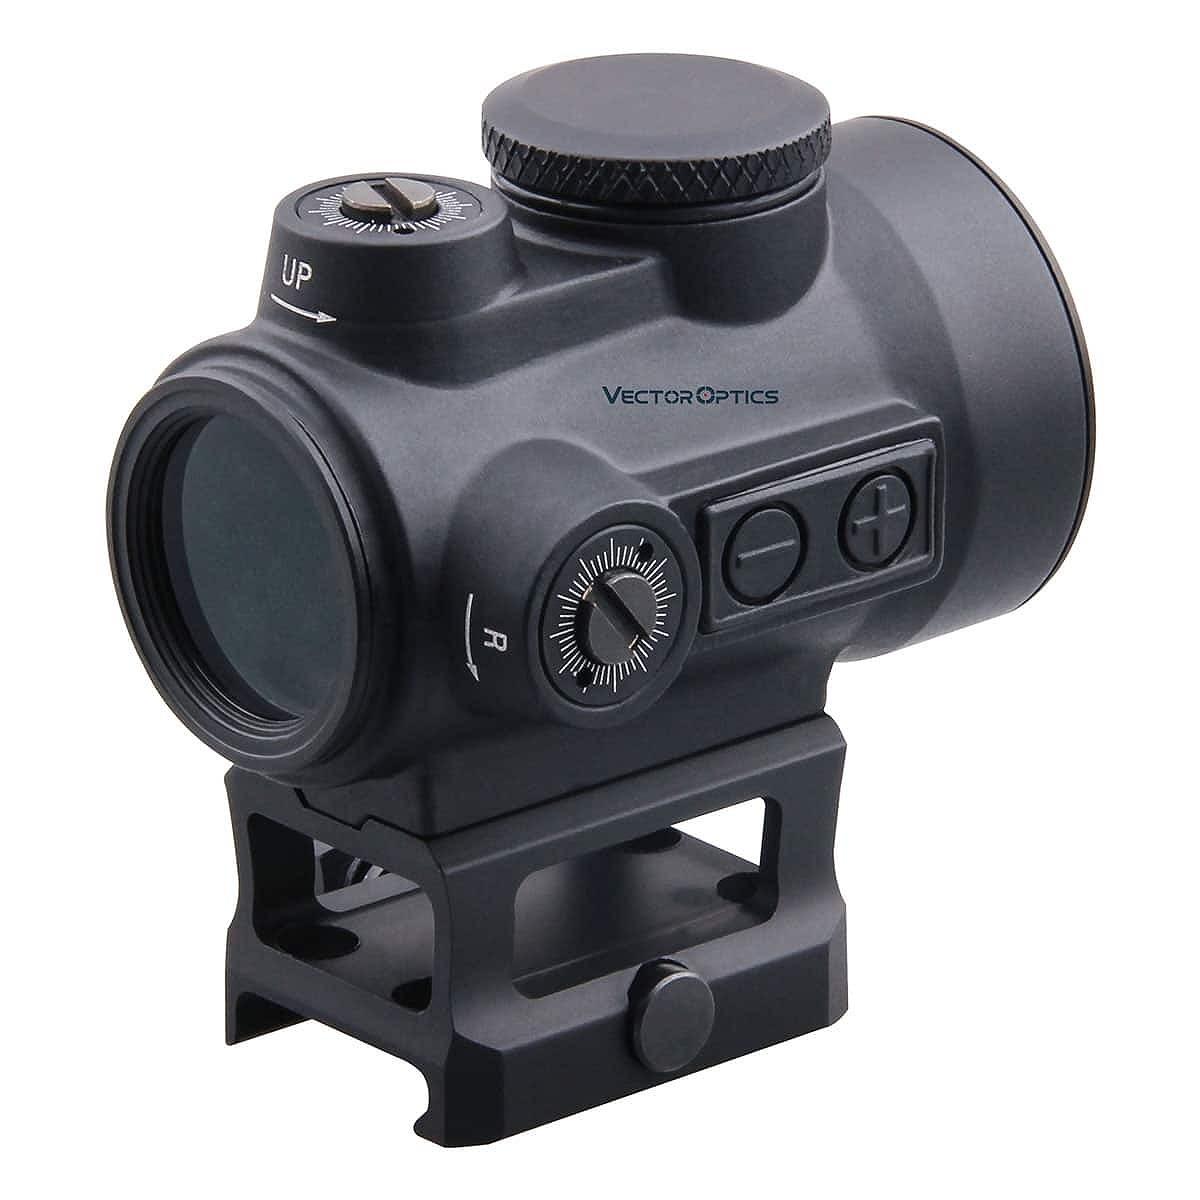 ベクターオプティクス ドットサイト Centurion 1x30  Vector Optics SCRD-34